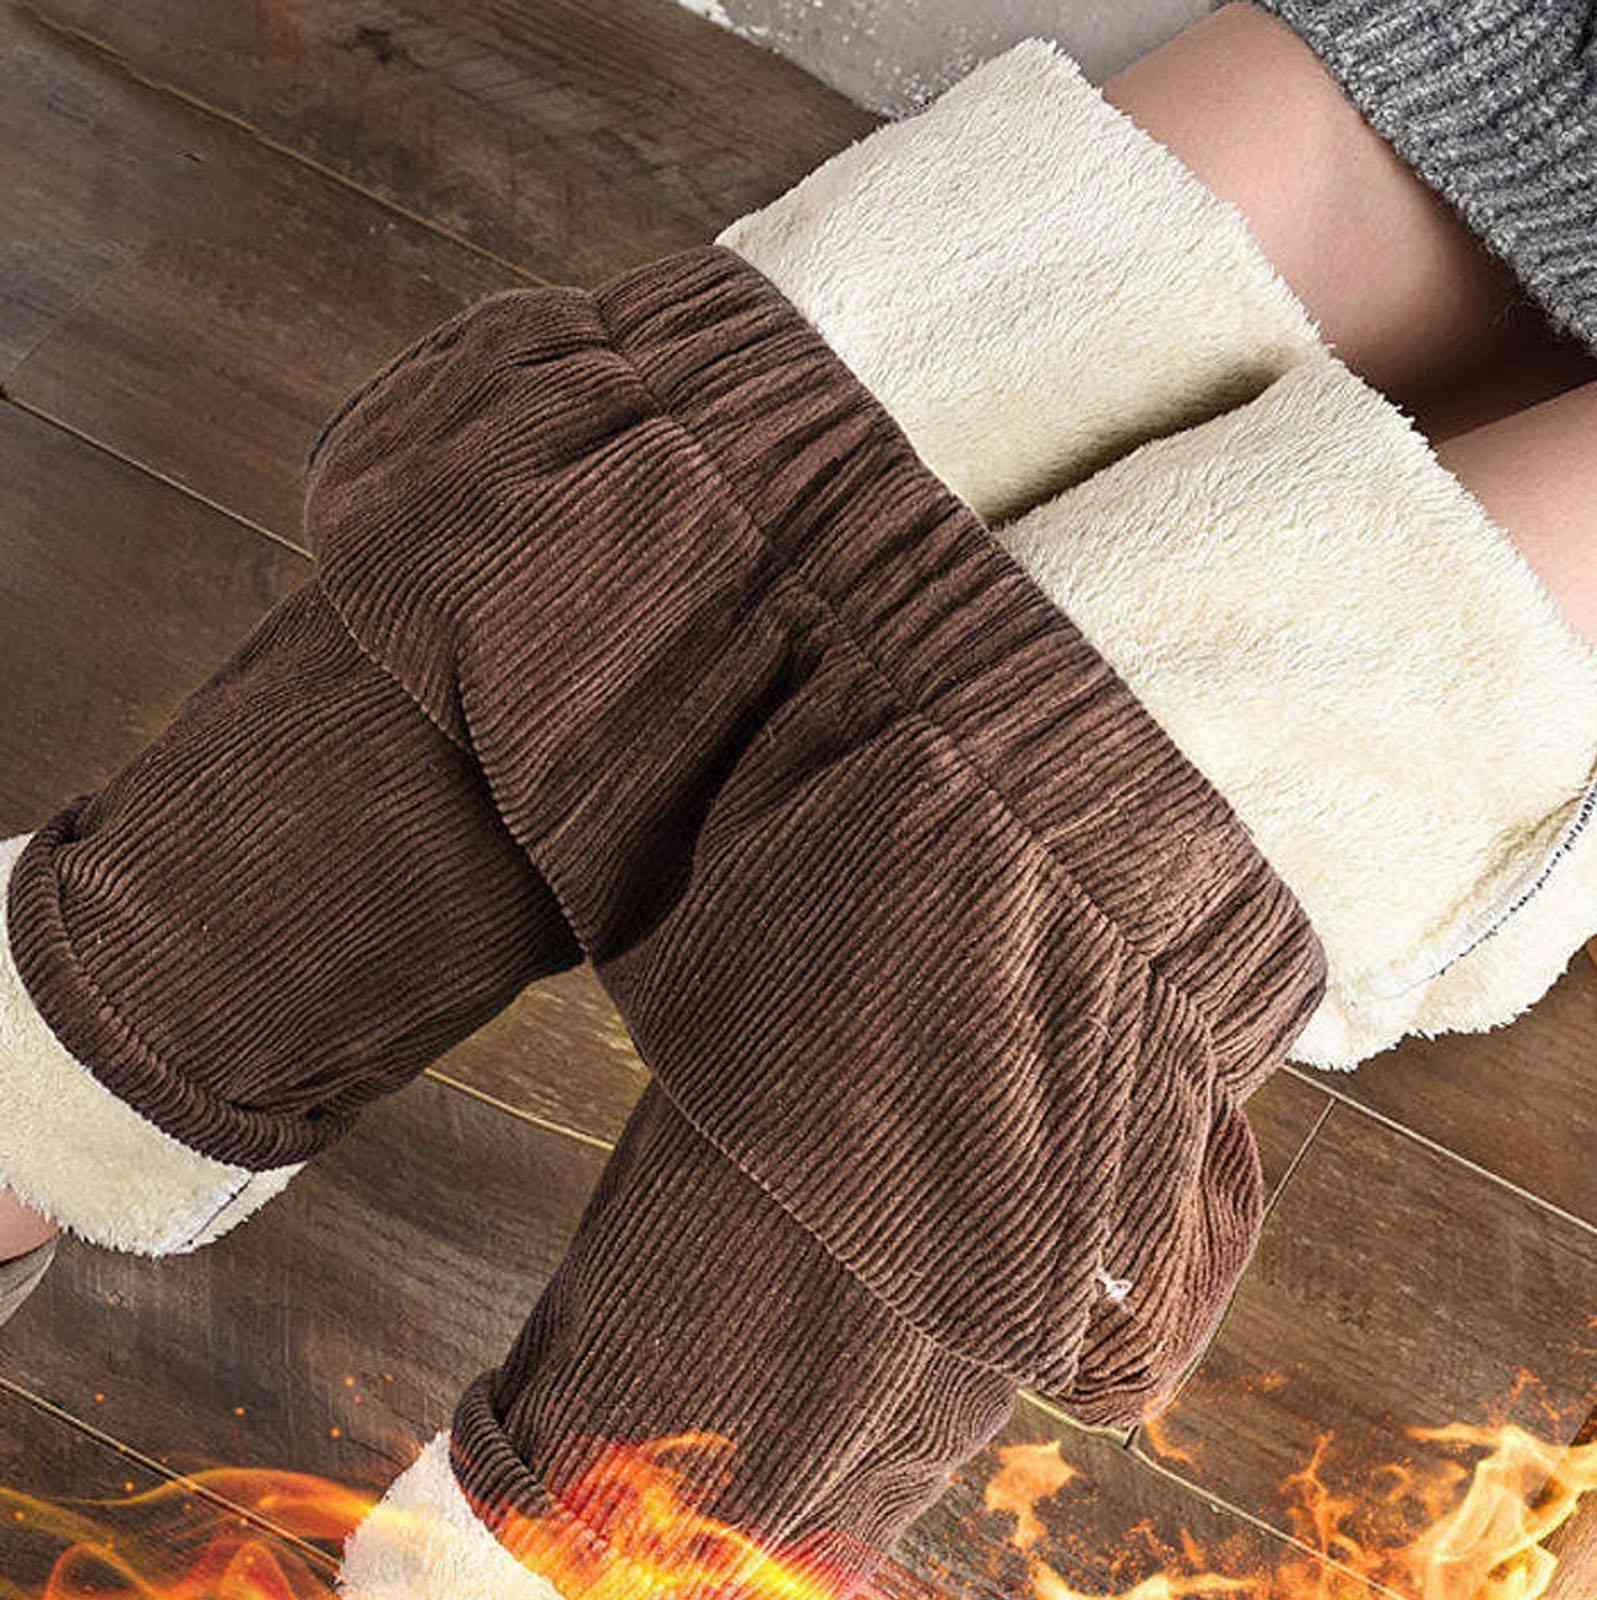 Gran tamaño de felpa gruesa de las damas casuales de las damas casuales Mantenga cálido Invierno Nuevo Cintura alta Harem Pantalones Mujeres Pantalones X31